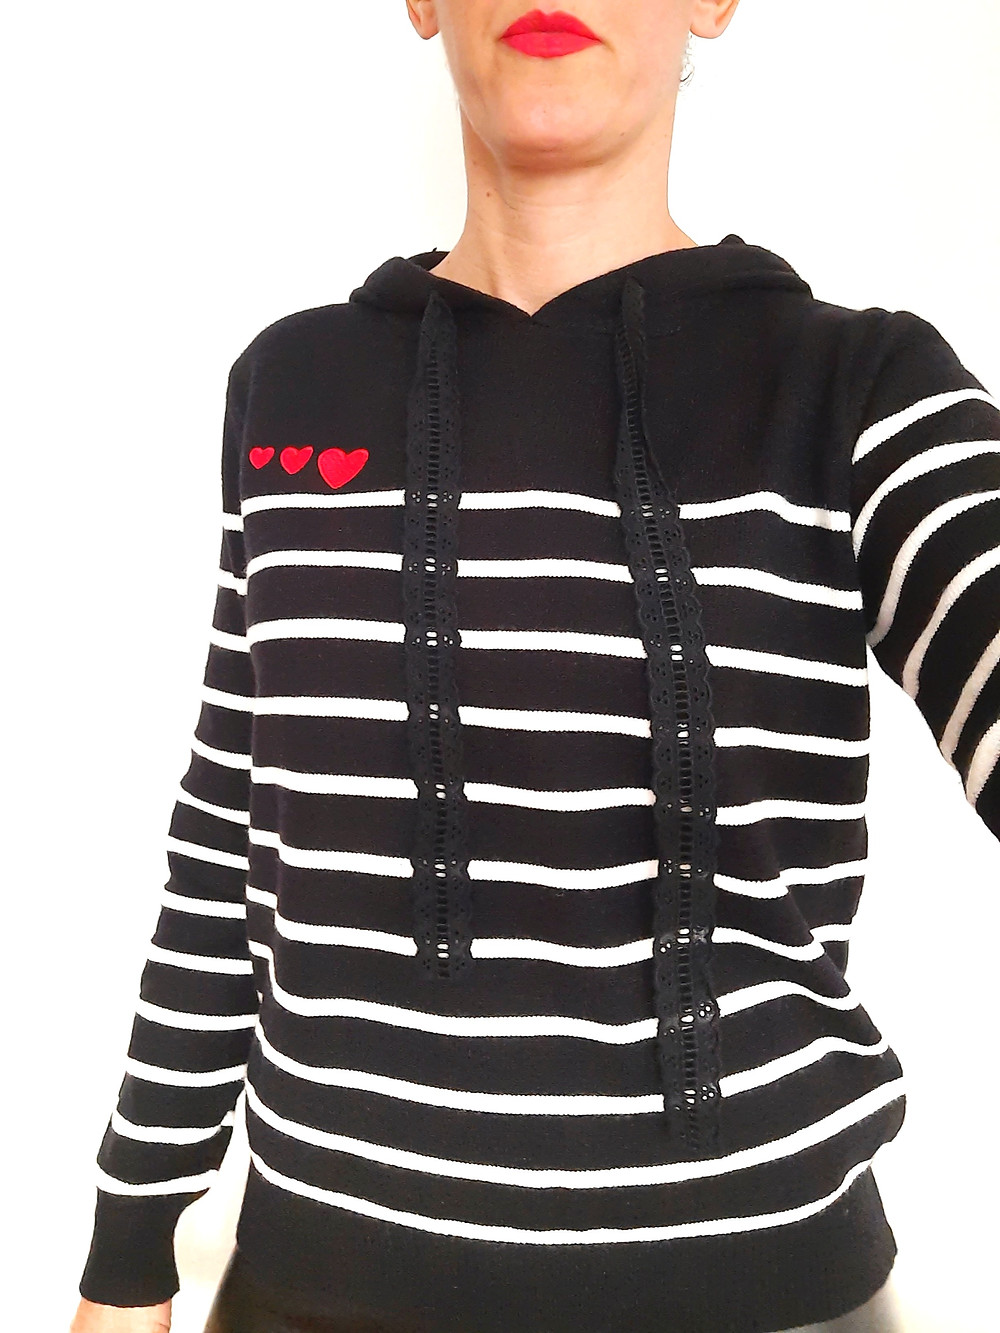 pull mariniere noir et blanc à capuche cordon en broderie anglaise 3 coeurs rouges brodés sur le devant joliette-shop.com